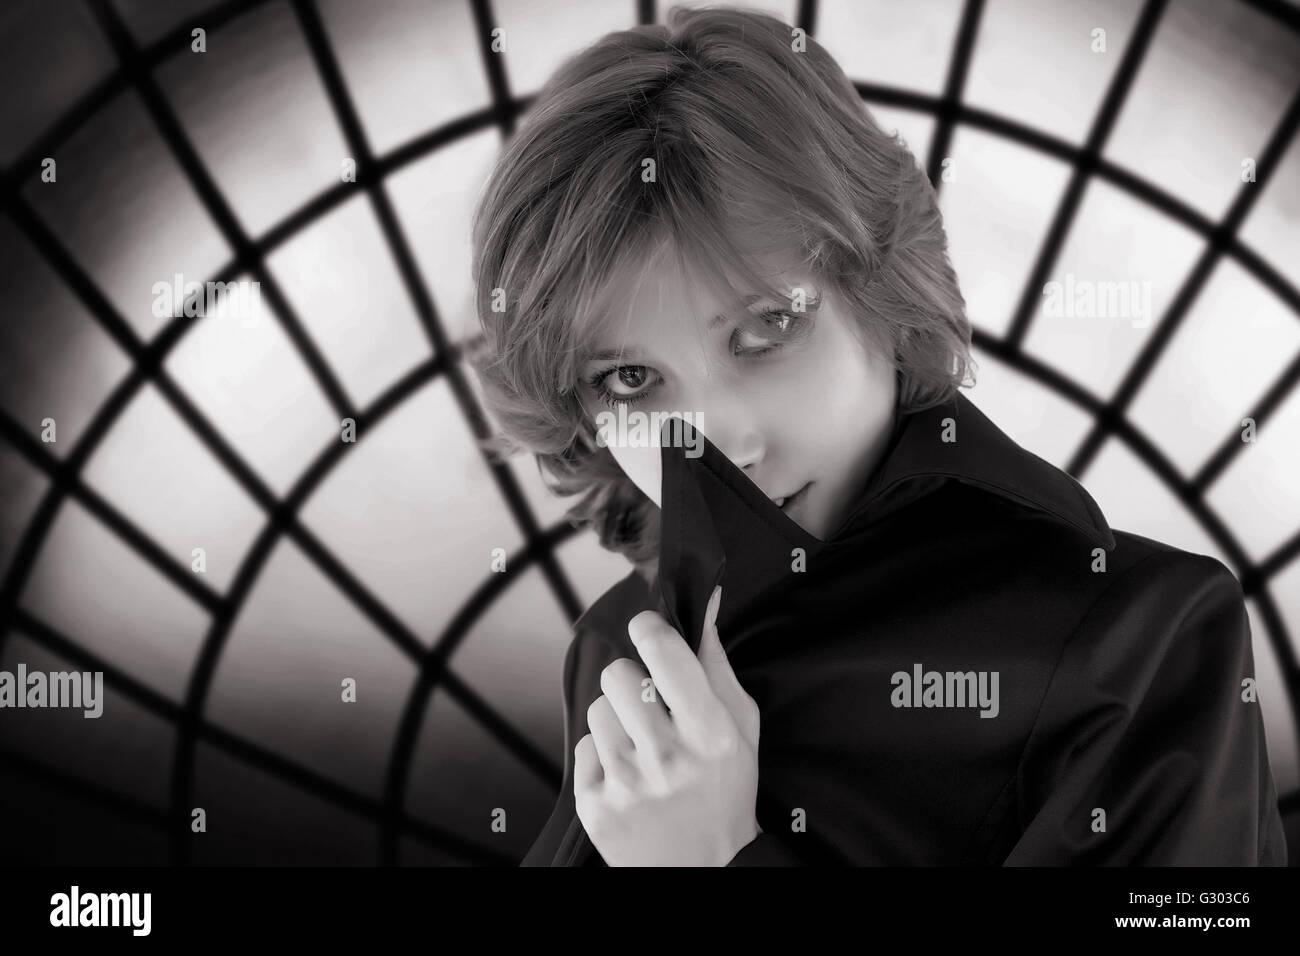 Dans les tons noir et blanc portrait de femme mystérieuse contre un sinistre vitraux Banque D'Images